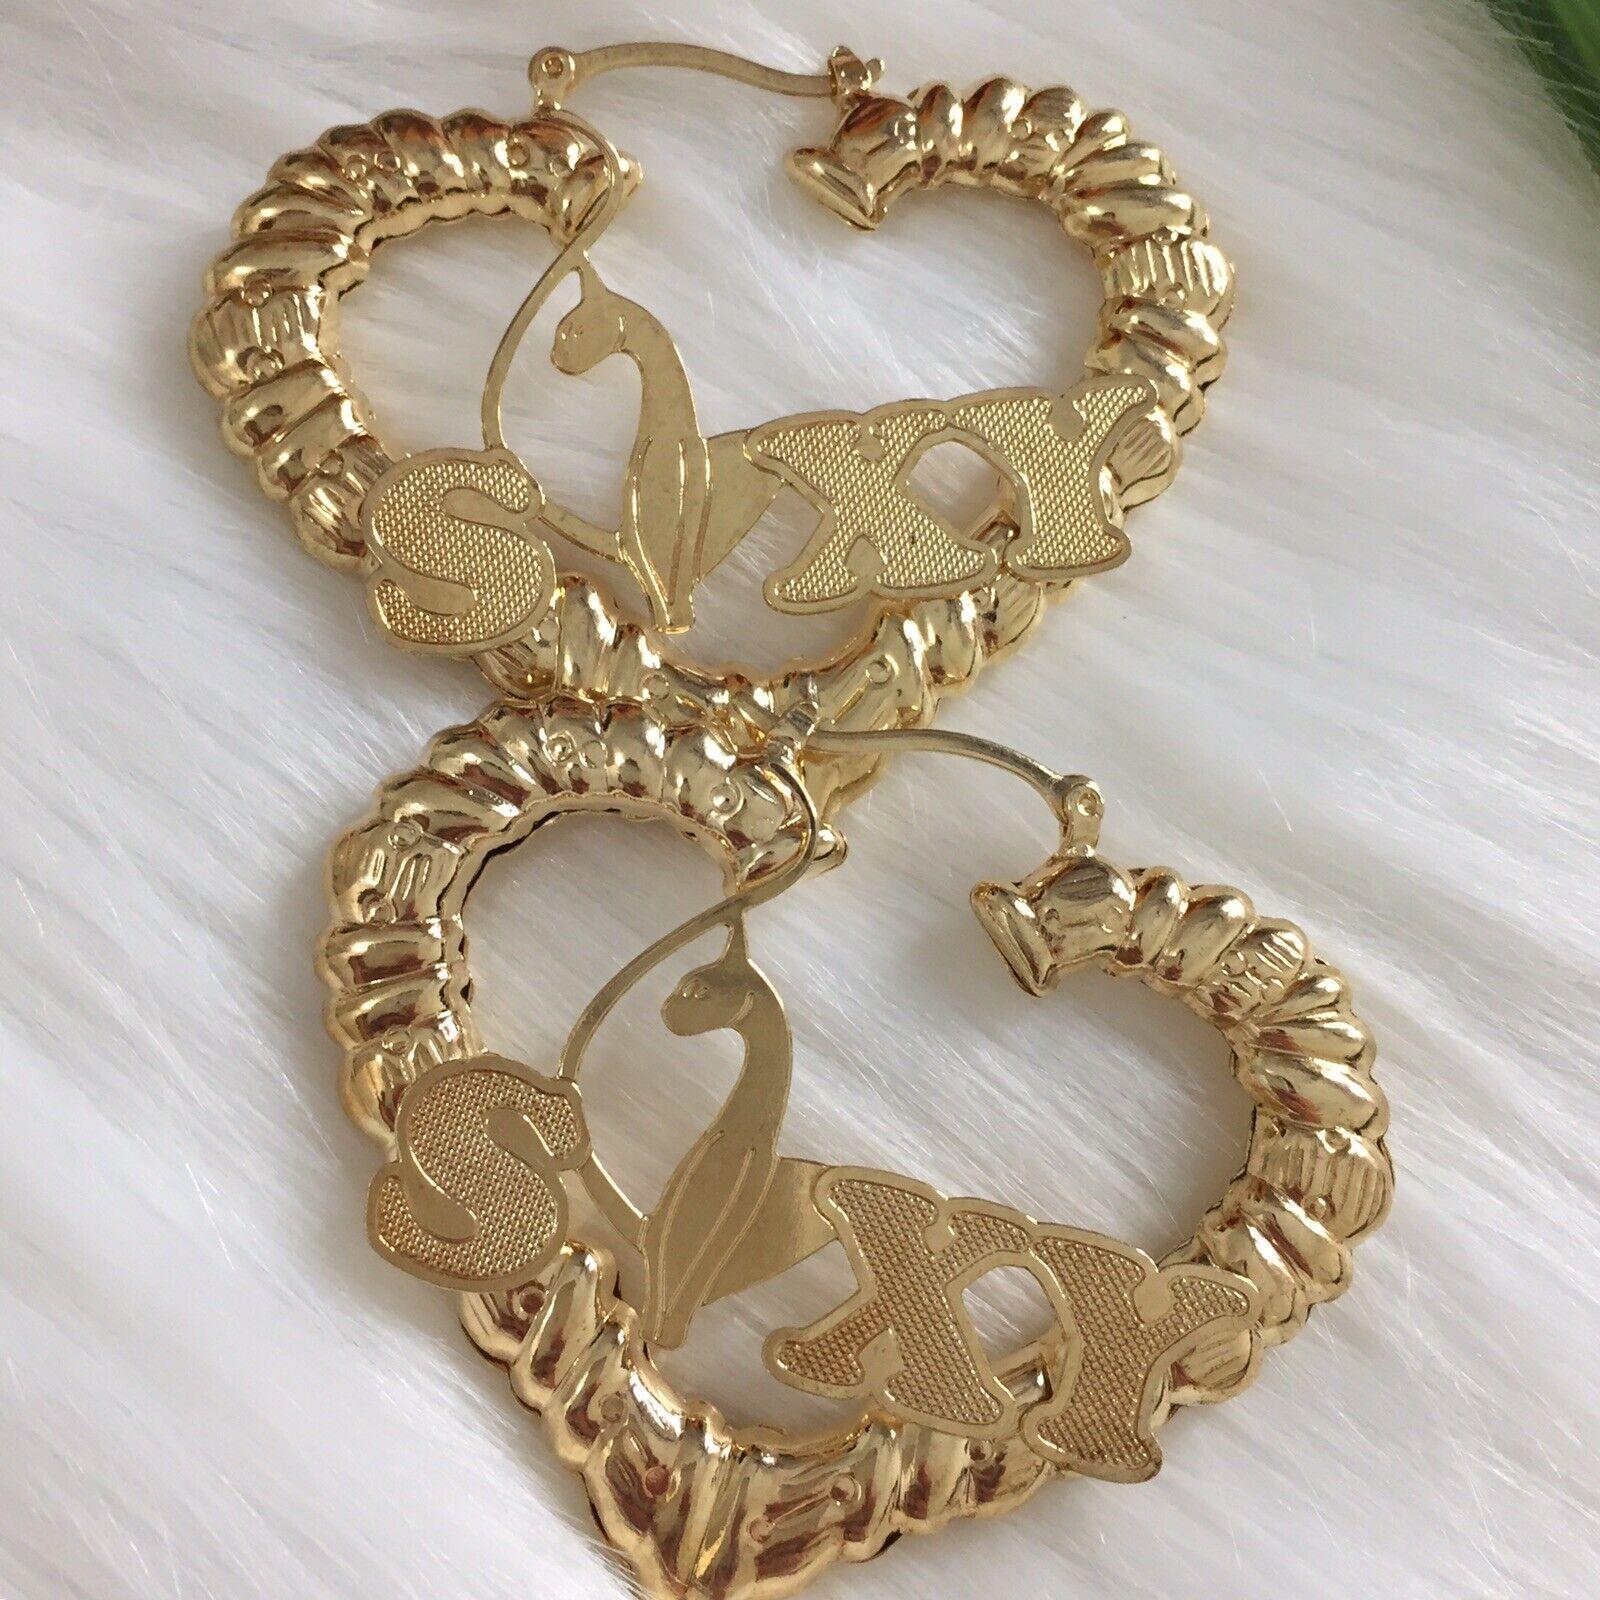 - Heart Bamboo Design Hoop Earrings In 14K Gold Filled. Nameplate